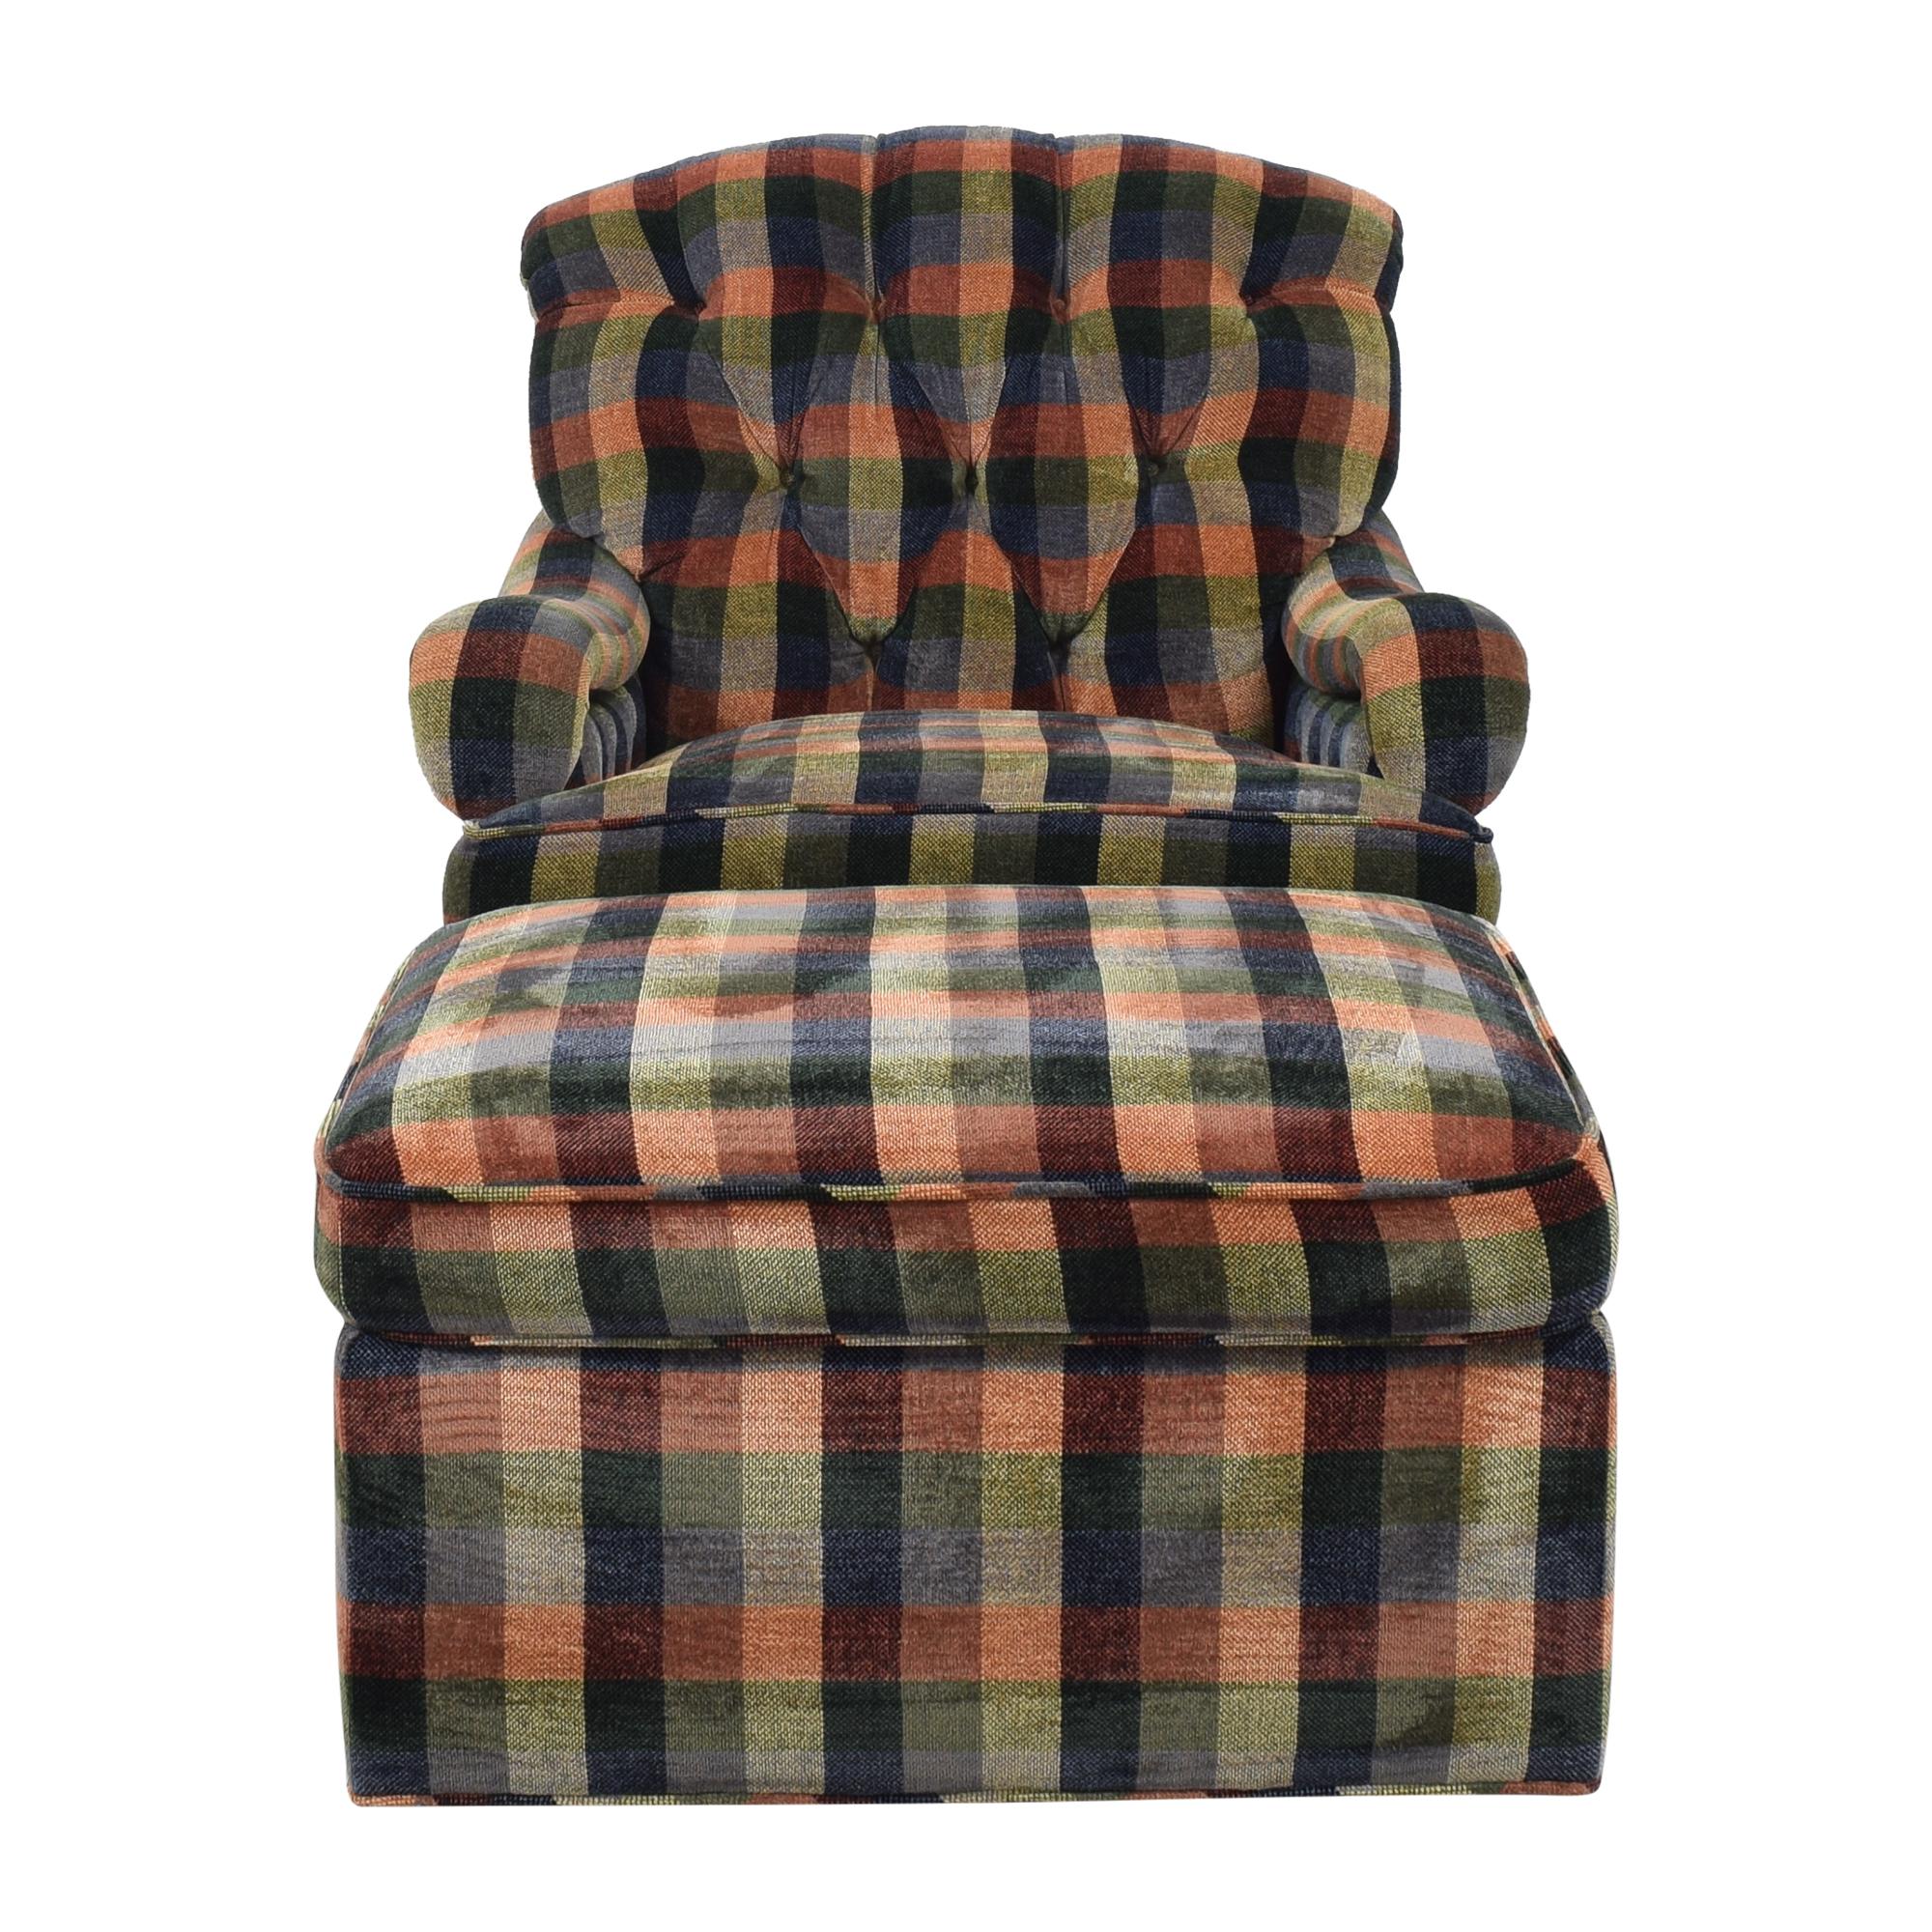 shop Edward Ferrell Tufted Plaid Chair with Ottoman Edward Ferrell Chairs